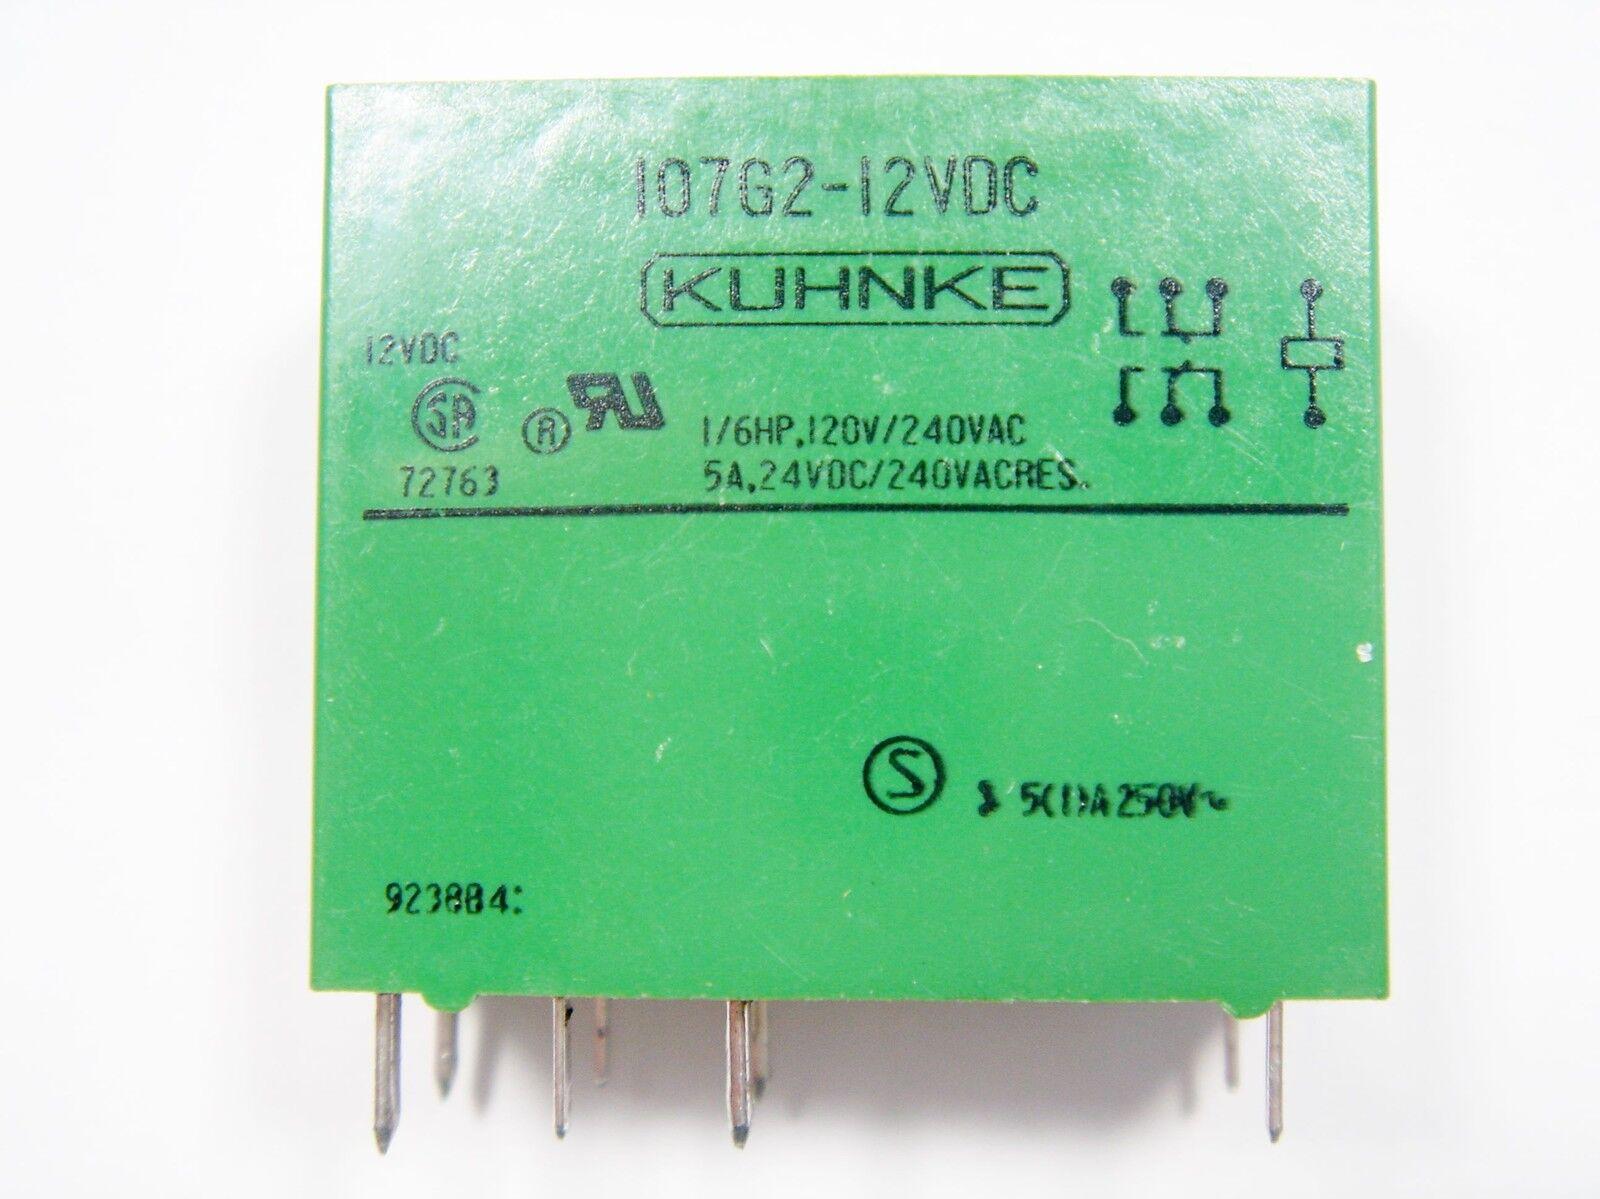 Relais 12V 2xUM 240V 5A KUHNKE 107G2-12VDC #20R47